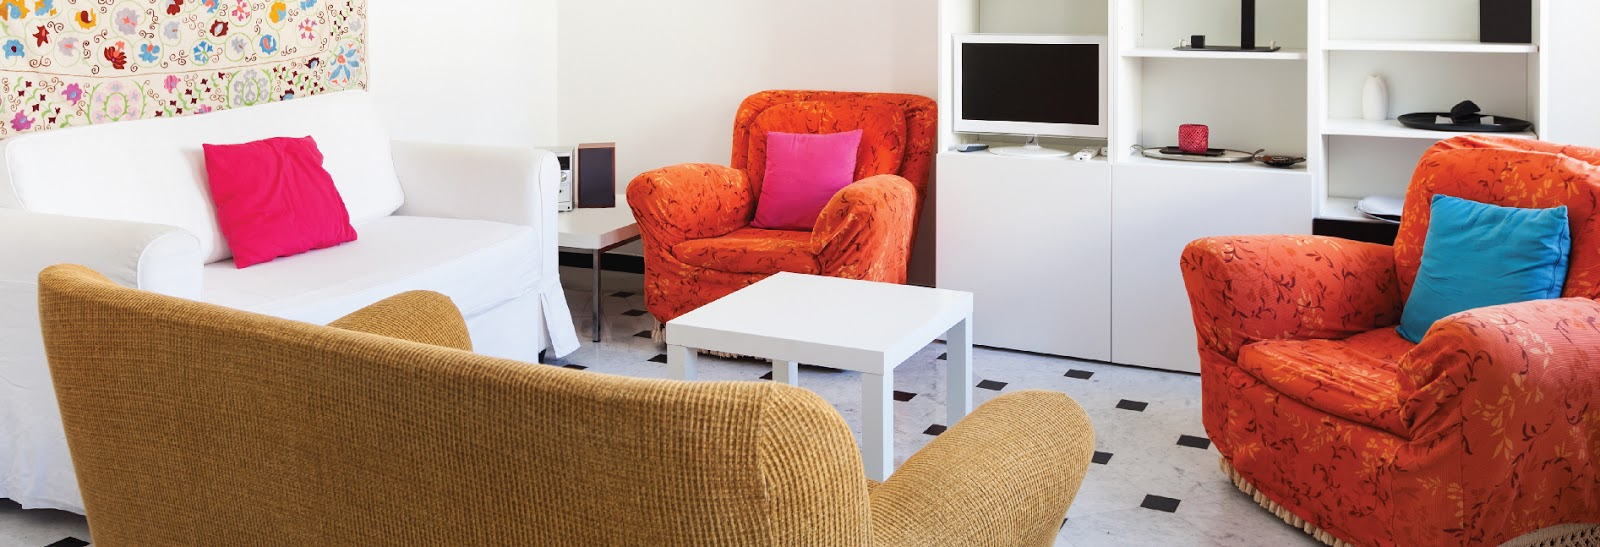 tipo de muebles no necesitar comprar piezas o un juego de sala de dos o tres piezas un solo muebles esquinero ser suficiente para llenar